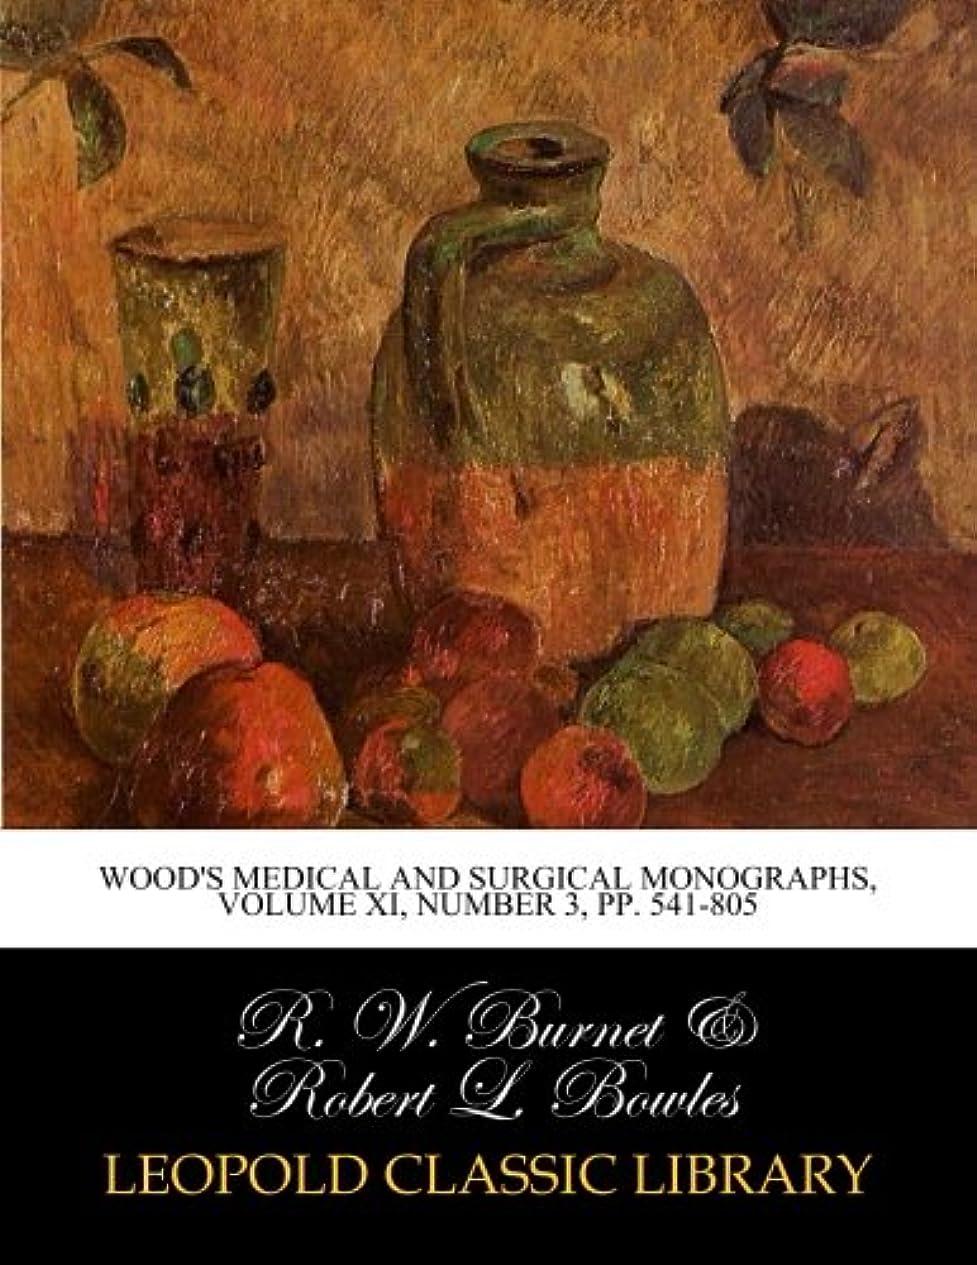 軽蔑するキャプテン上院Wood's Medical and Surgical Monographs, Volume XI, Number 3, pp. 541-805